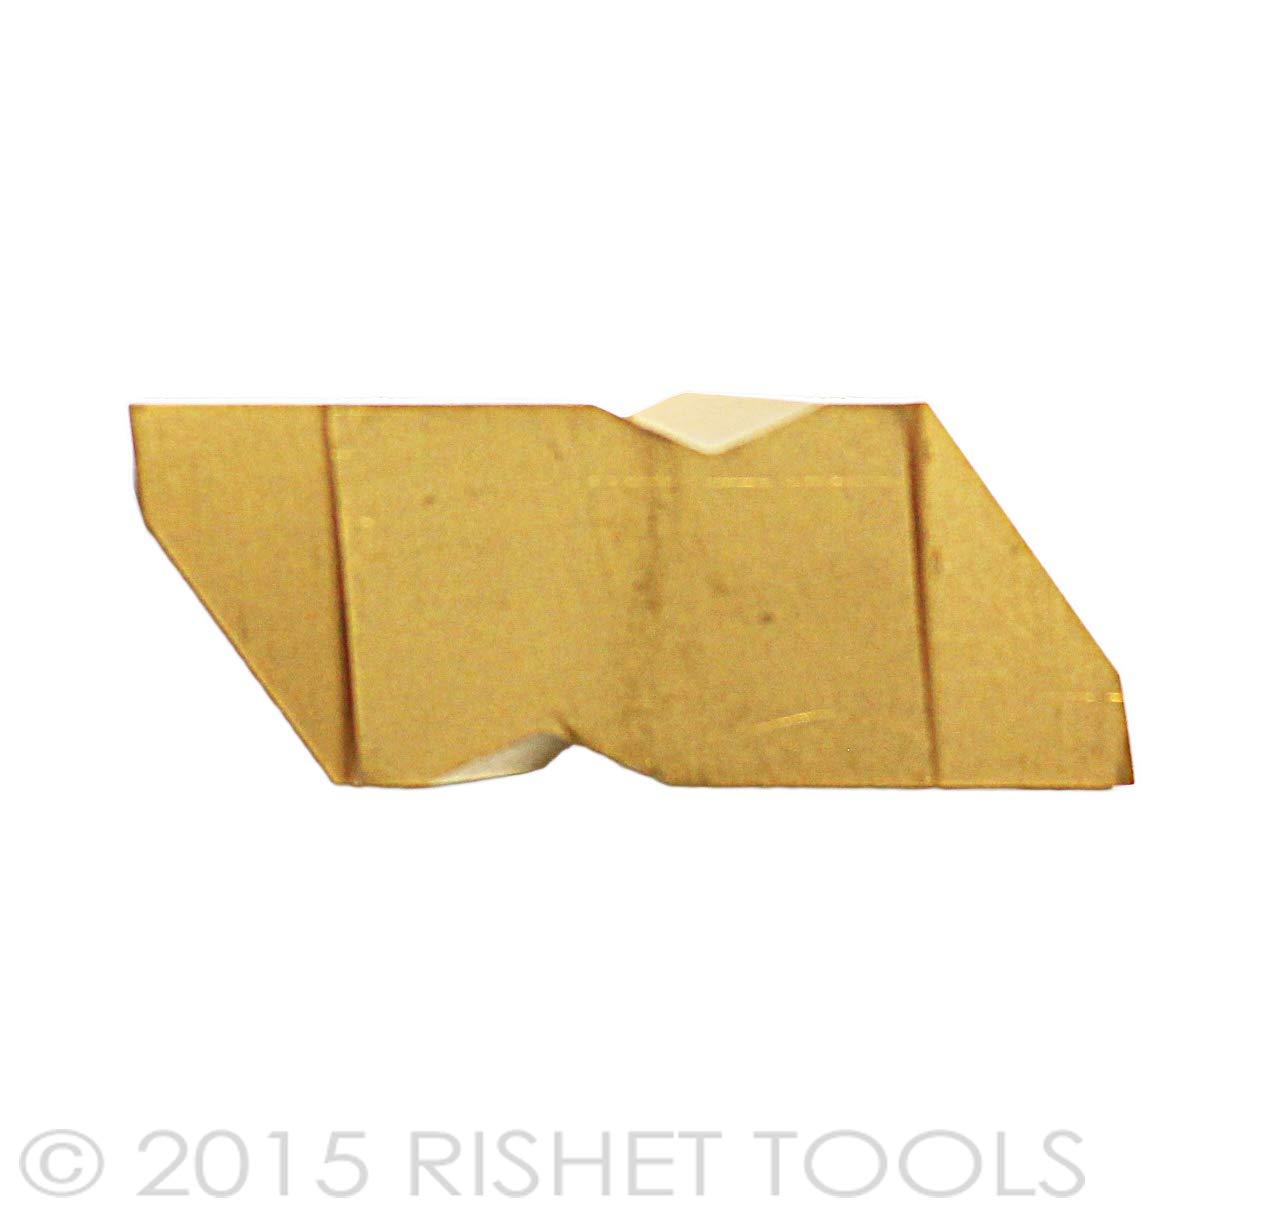 RISHET TOOLS TPU 222 C5 Multi Layer TiN Coated Carbide Inserts 10 PCS